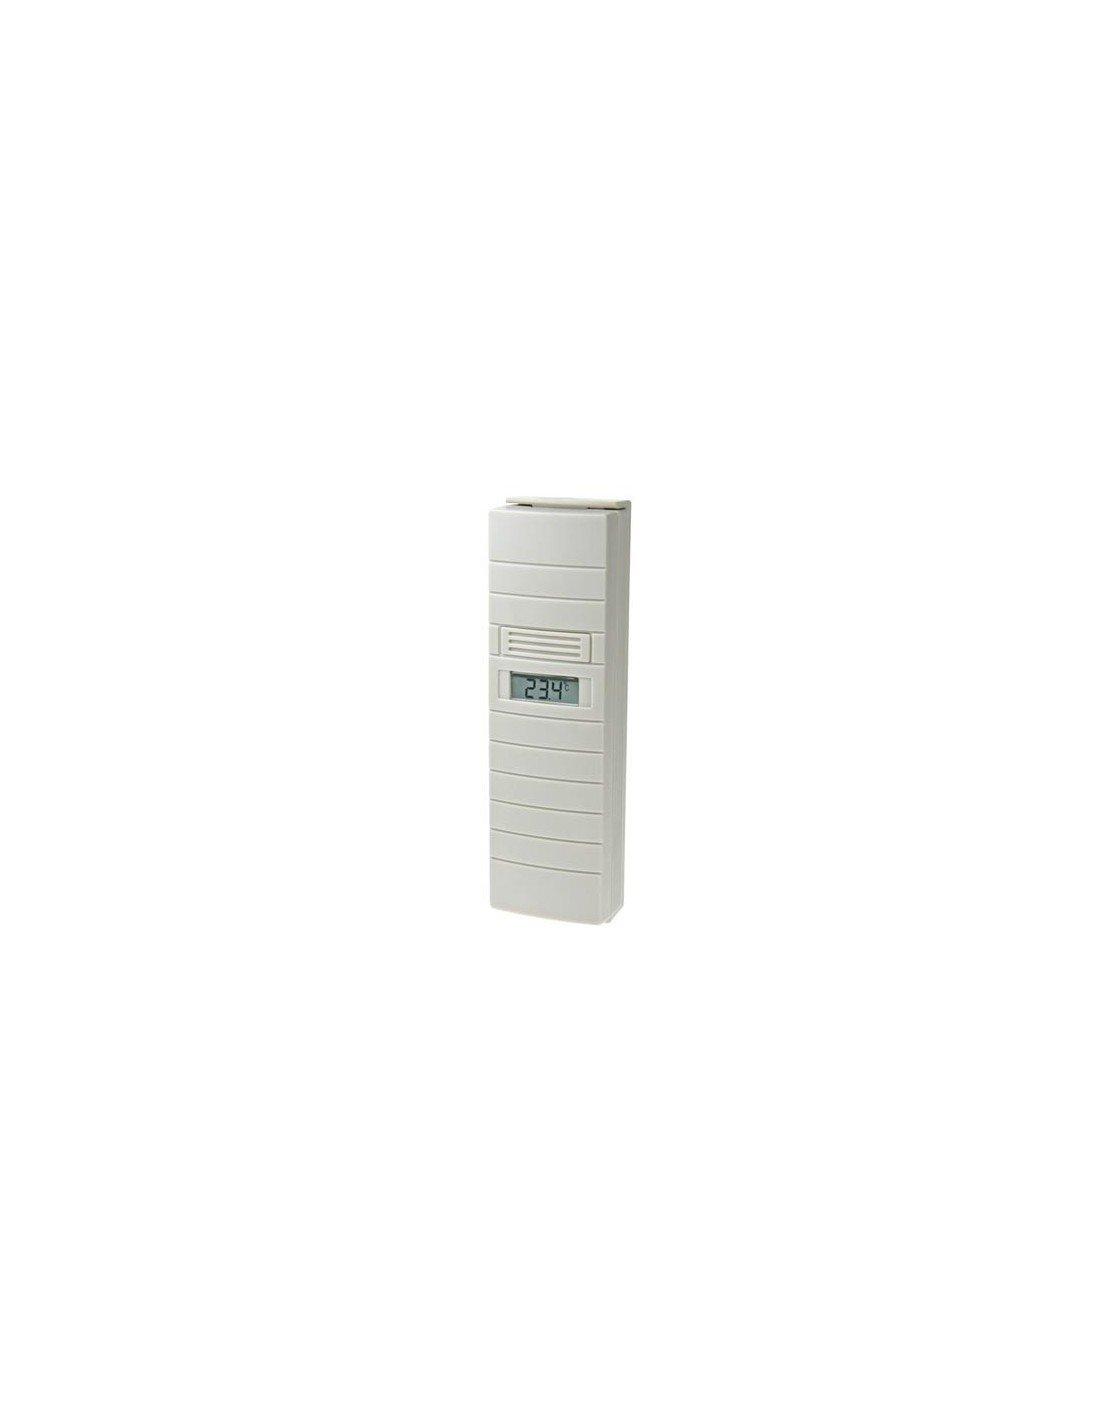 La Crosse Technology TX17 Temperature Sensor Screen 433Mhz